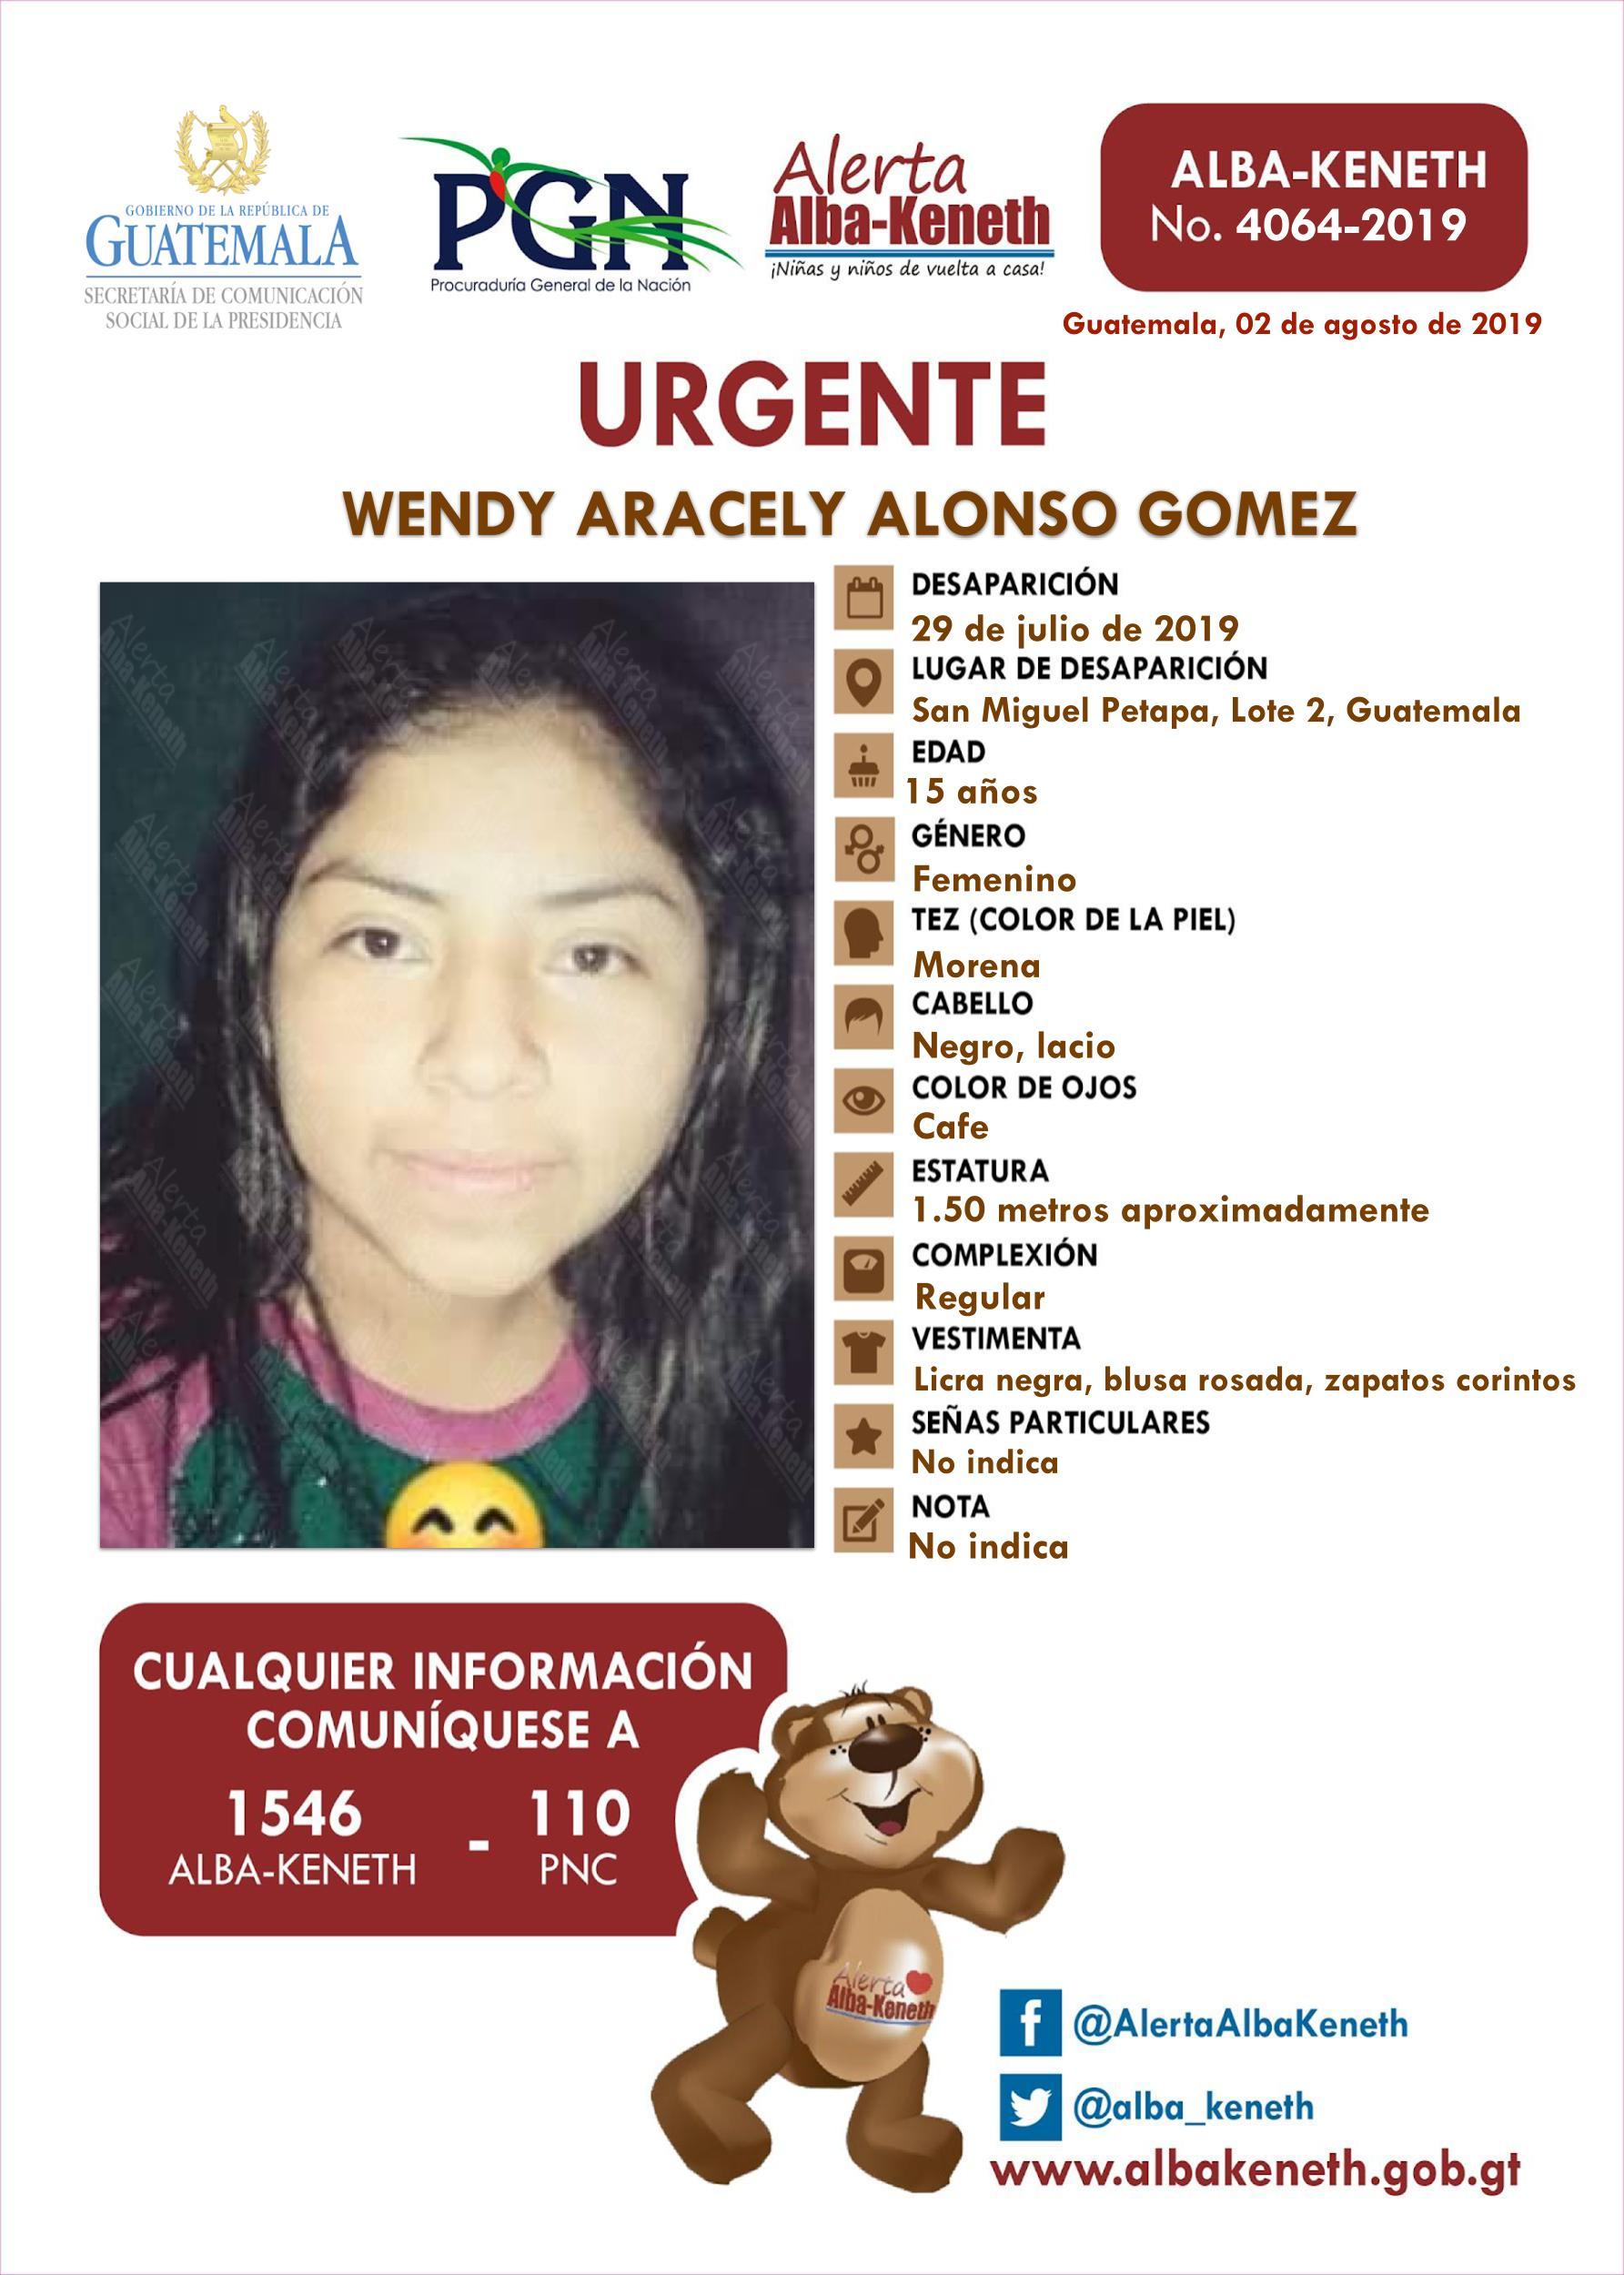 Wendy Aracely Alonso Gomez